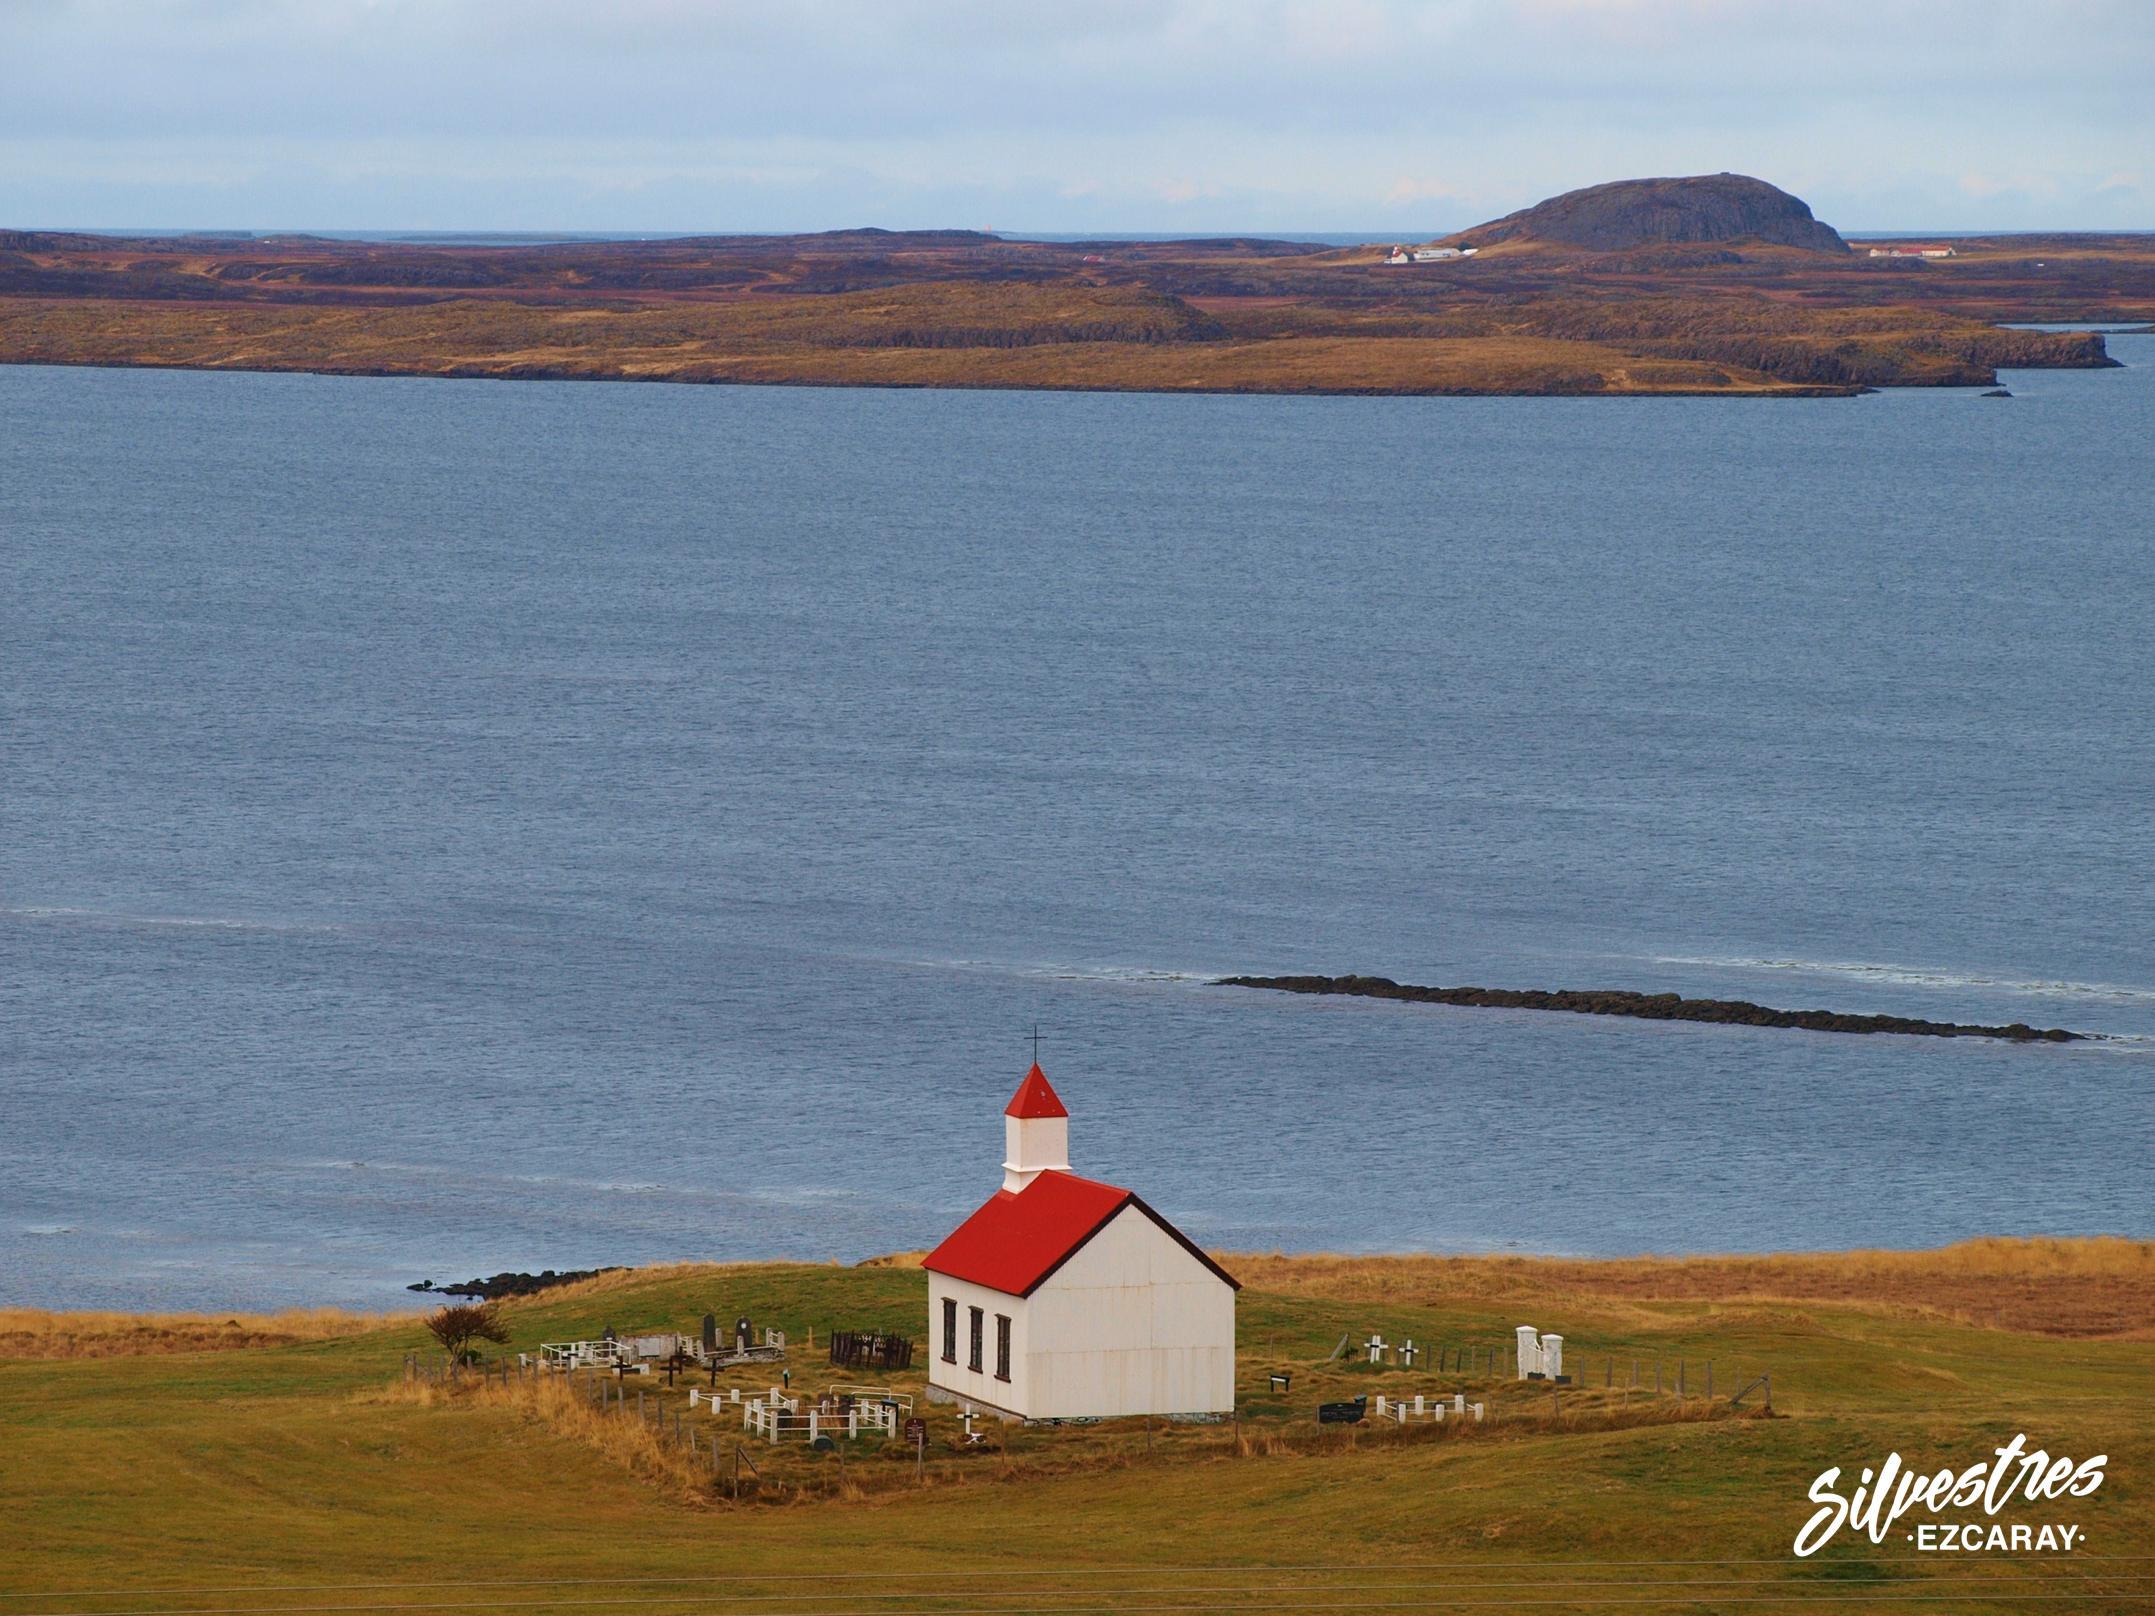 fotografías_fotos_imagenes_islandia_viajes_iglesias_paisajes_que_visitar_turismo